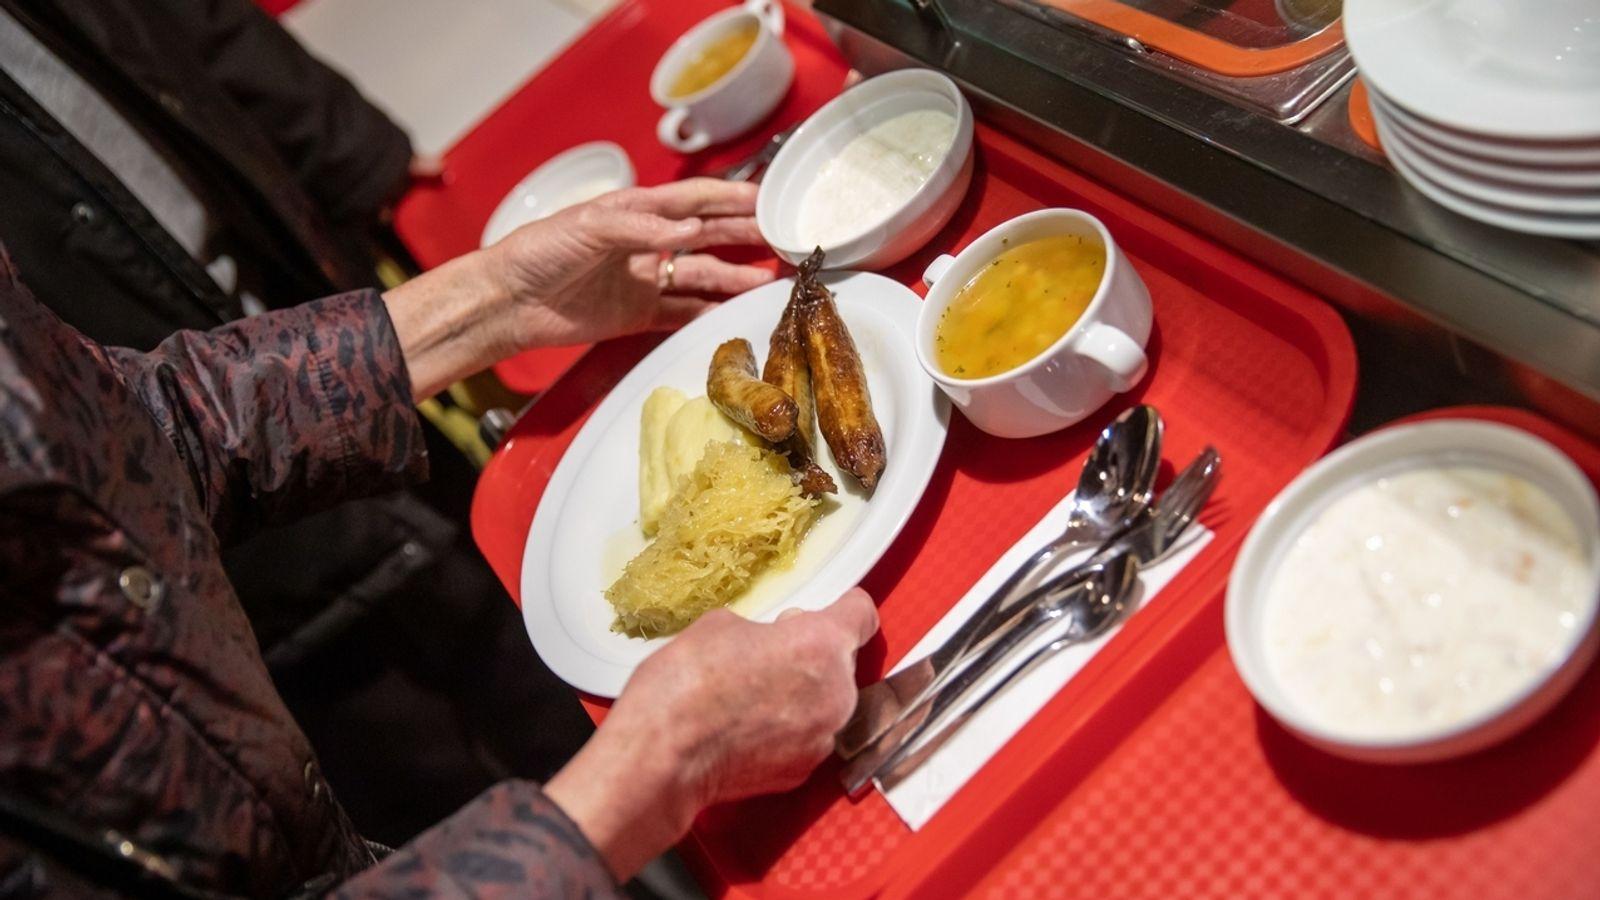 Mittagessen für alle: Vesperkirche in Schweinfurt beginnt